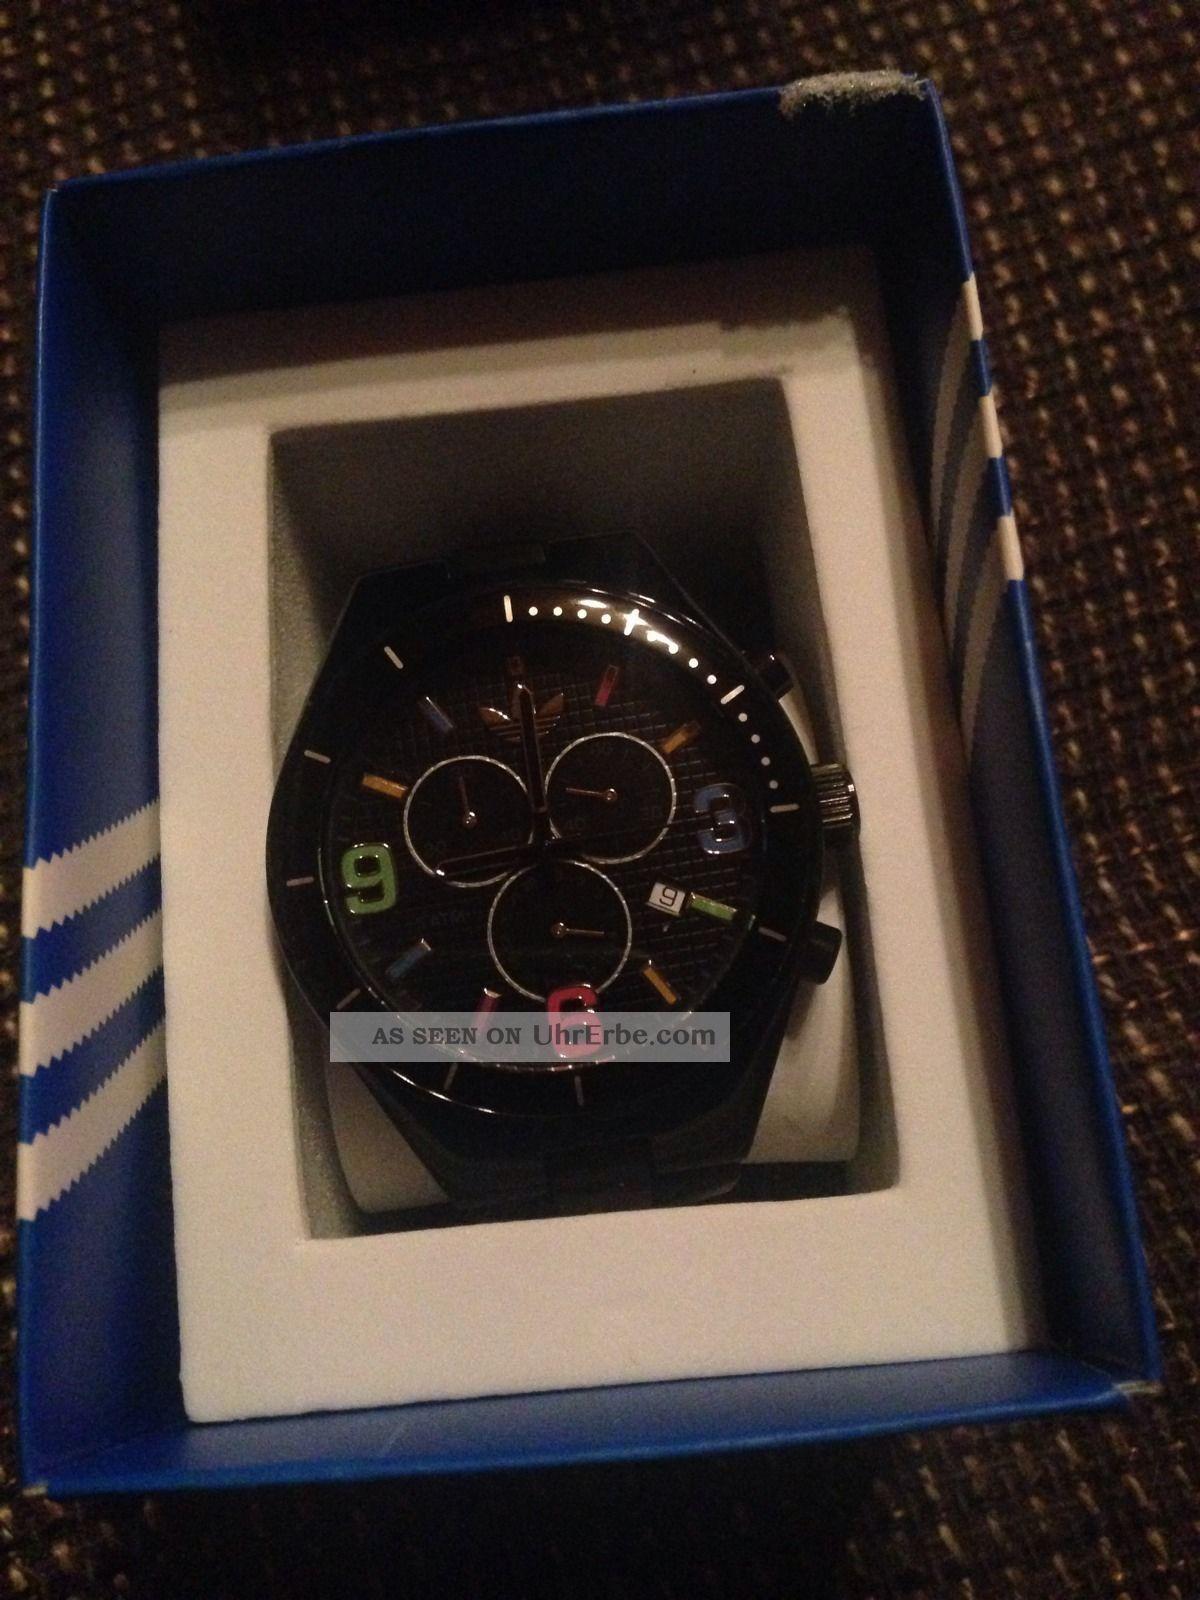 Adidas Damen Uhr In Schwarz Mit Bunten Ziffern Armbanduhren Bild